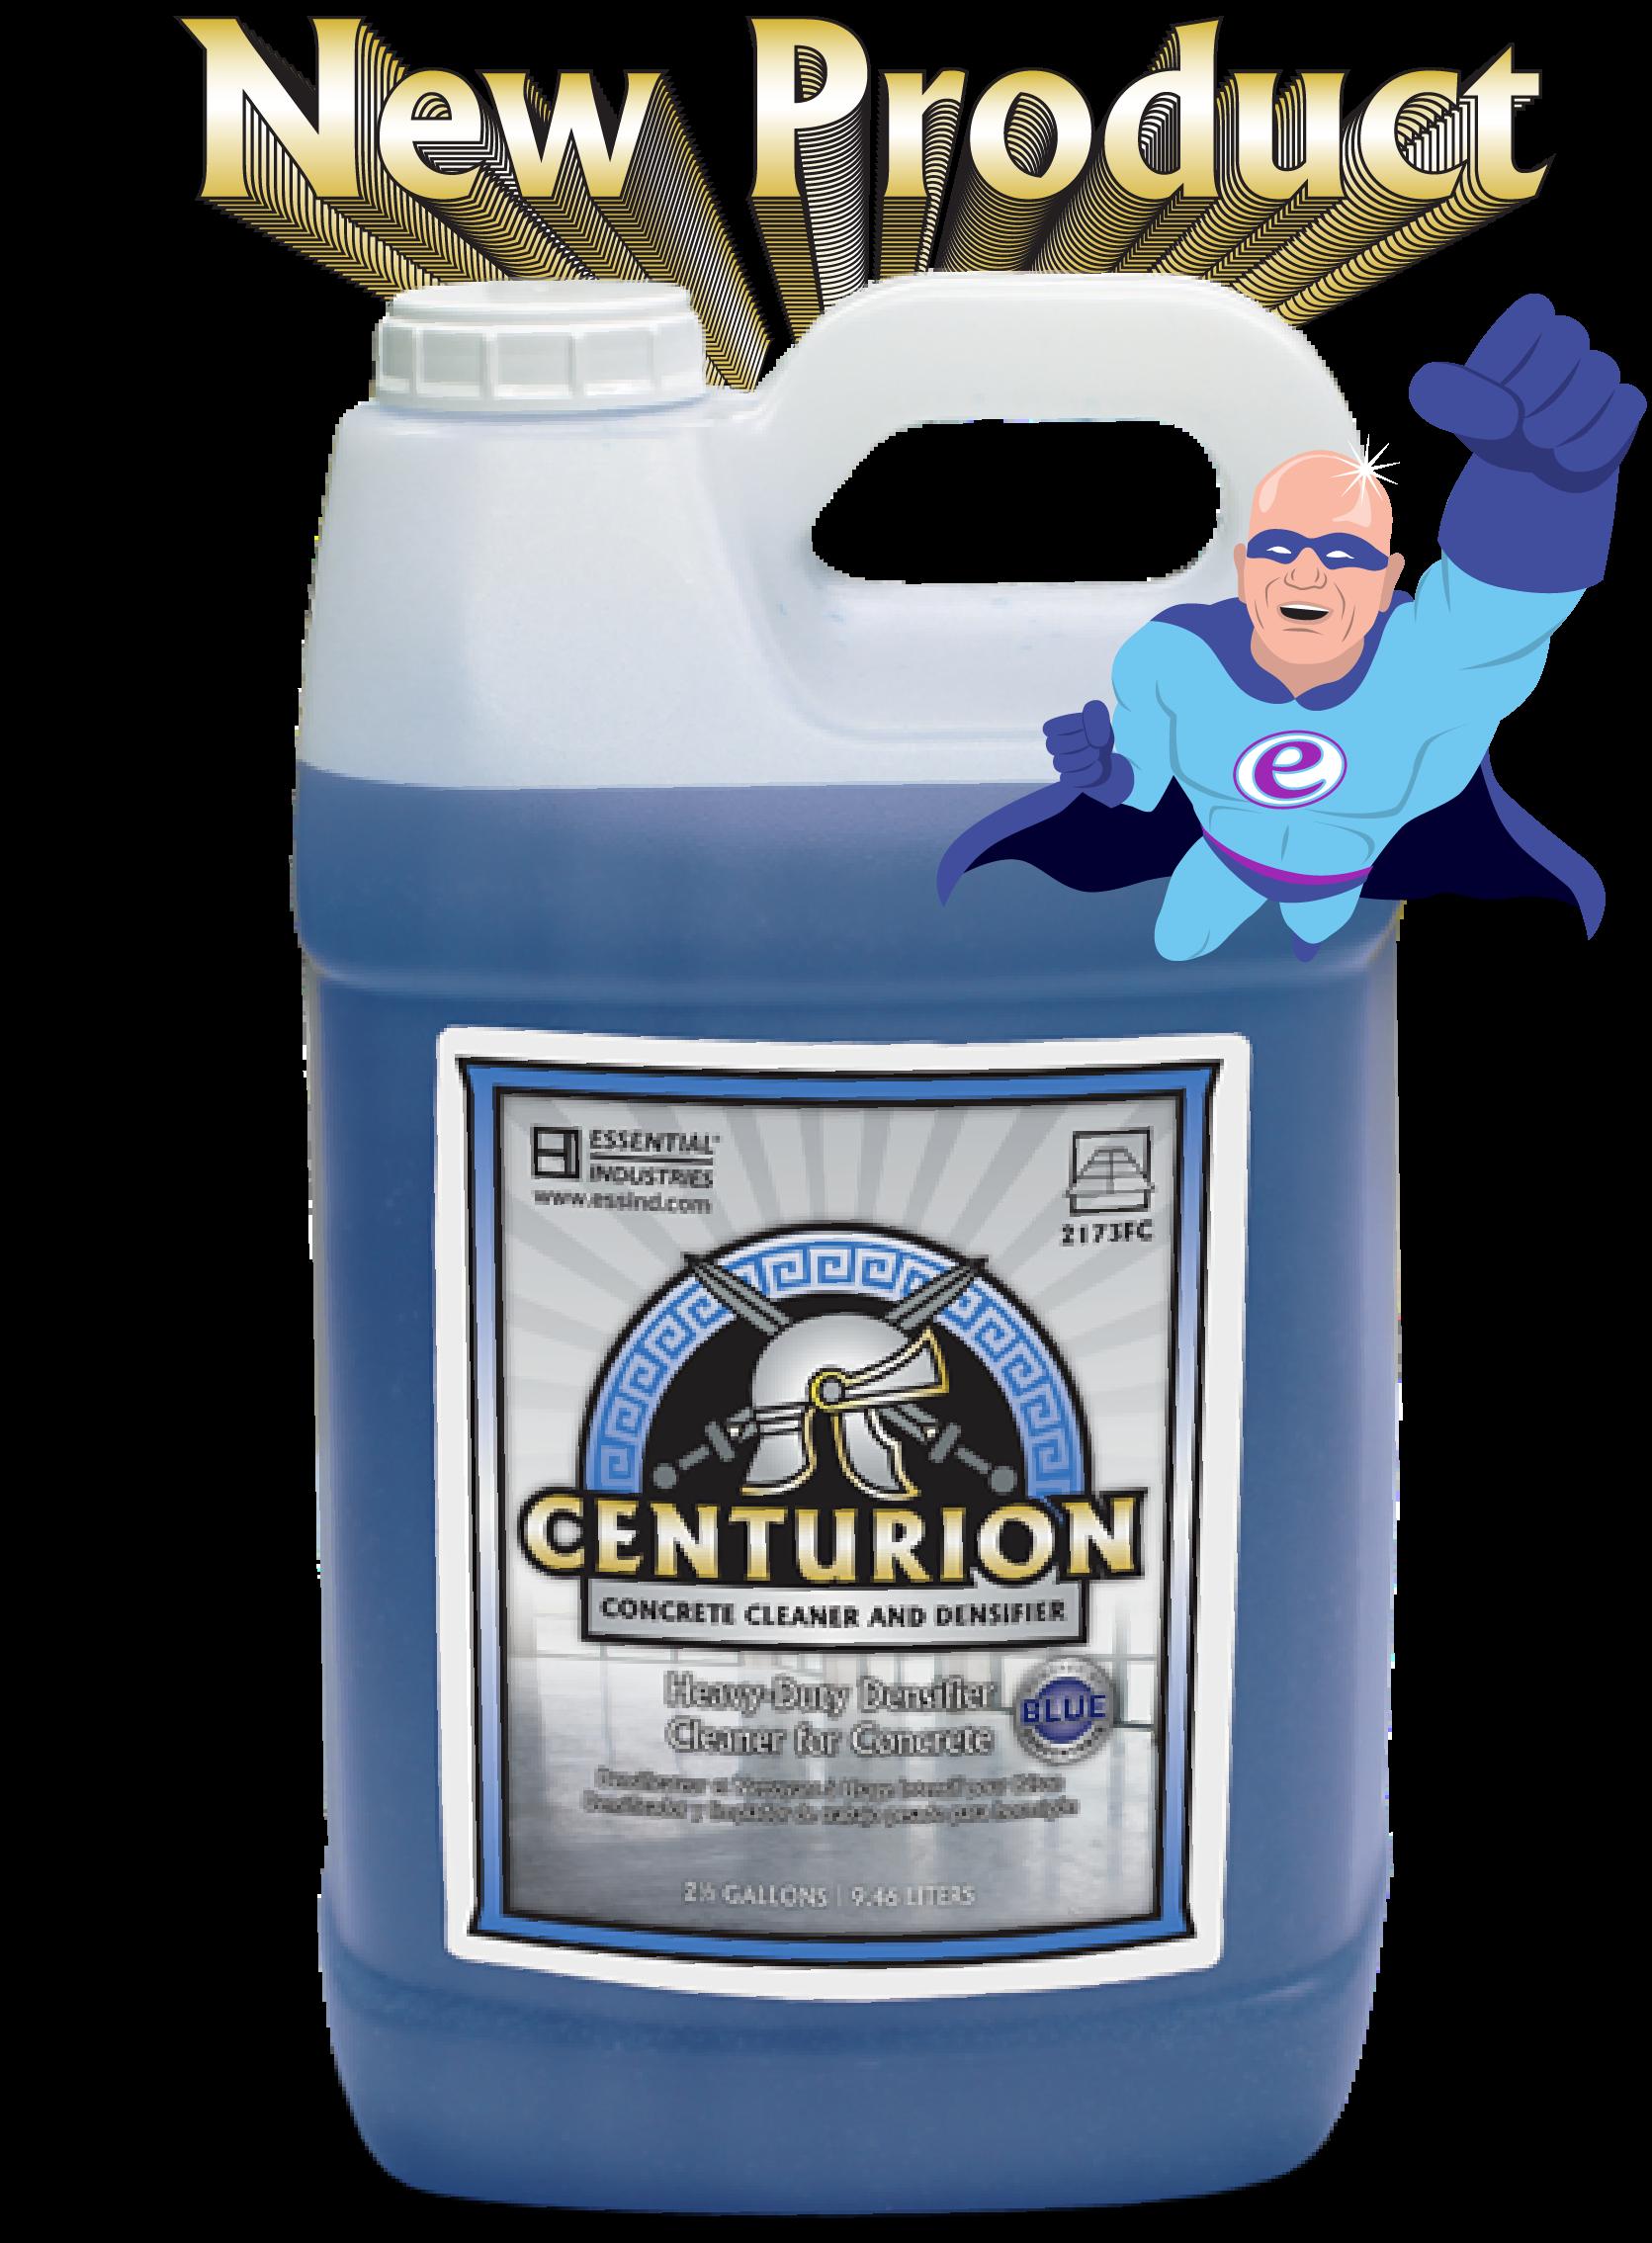 Essential Industries 'CENTURION' Concrete Cleaner & Densifier